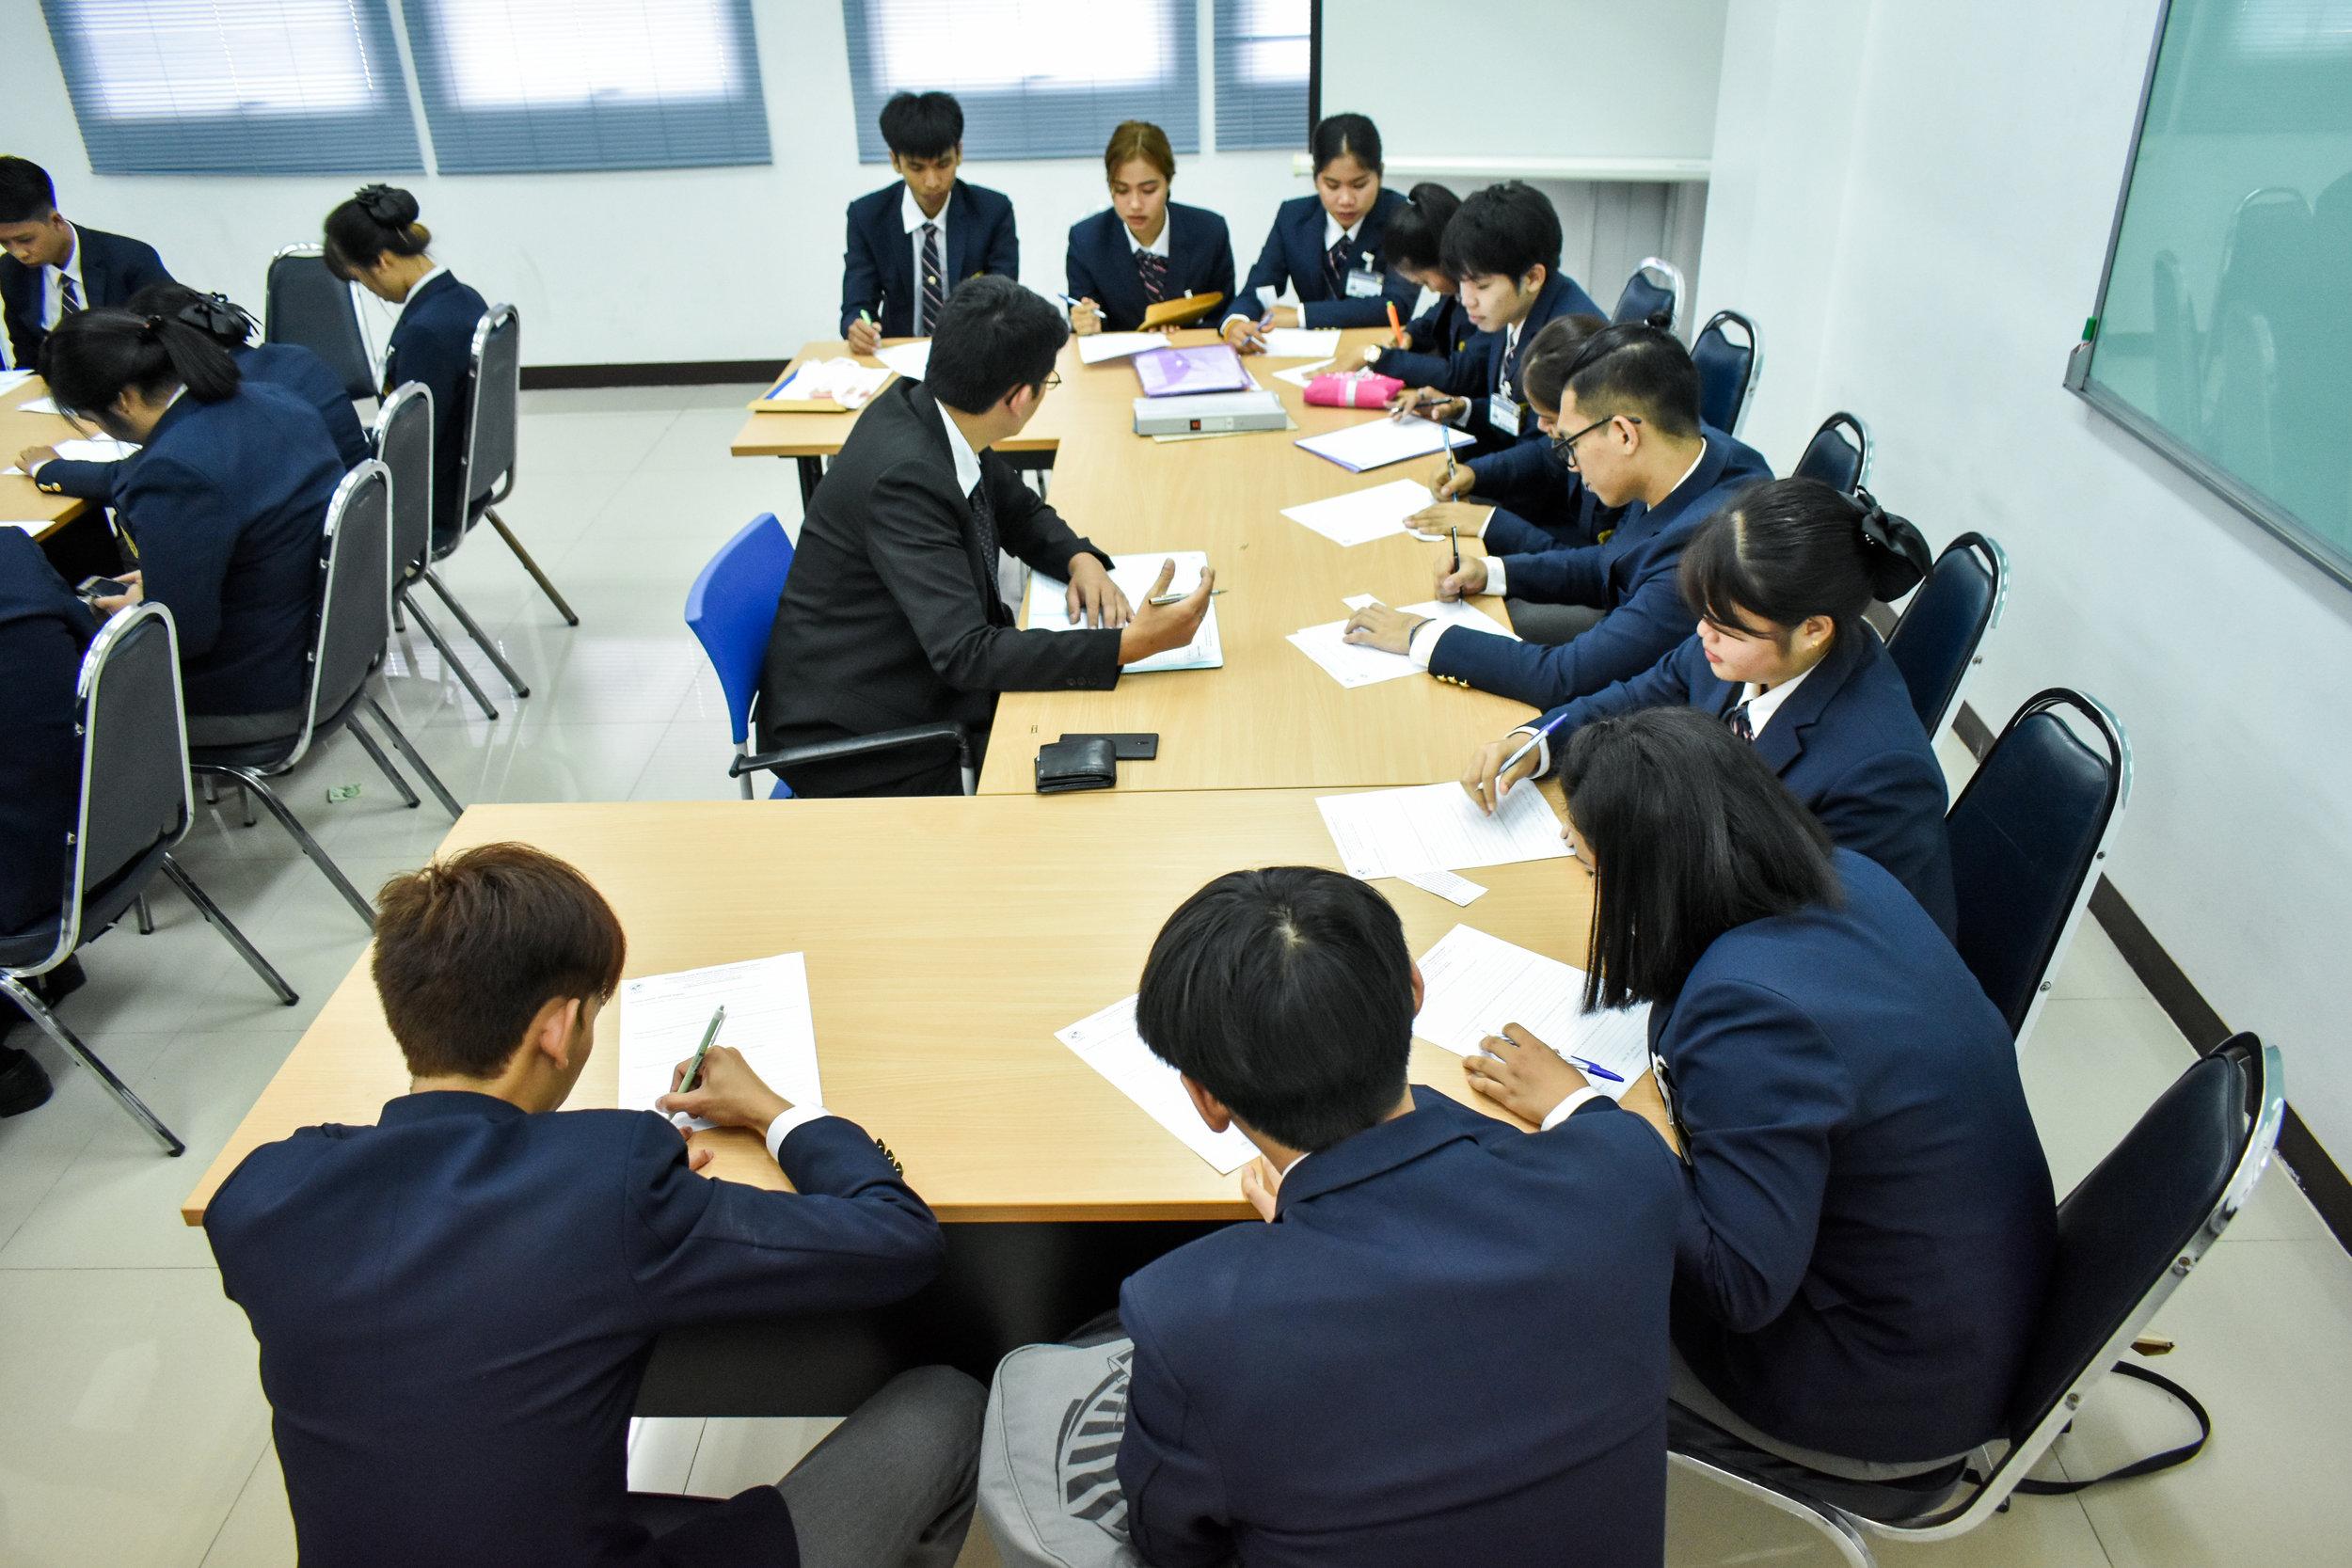 internship seminar  (1 of 8).jpg